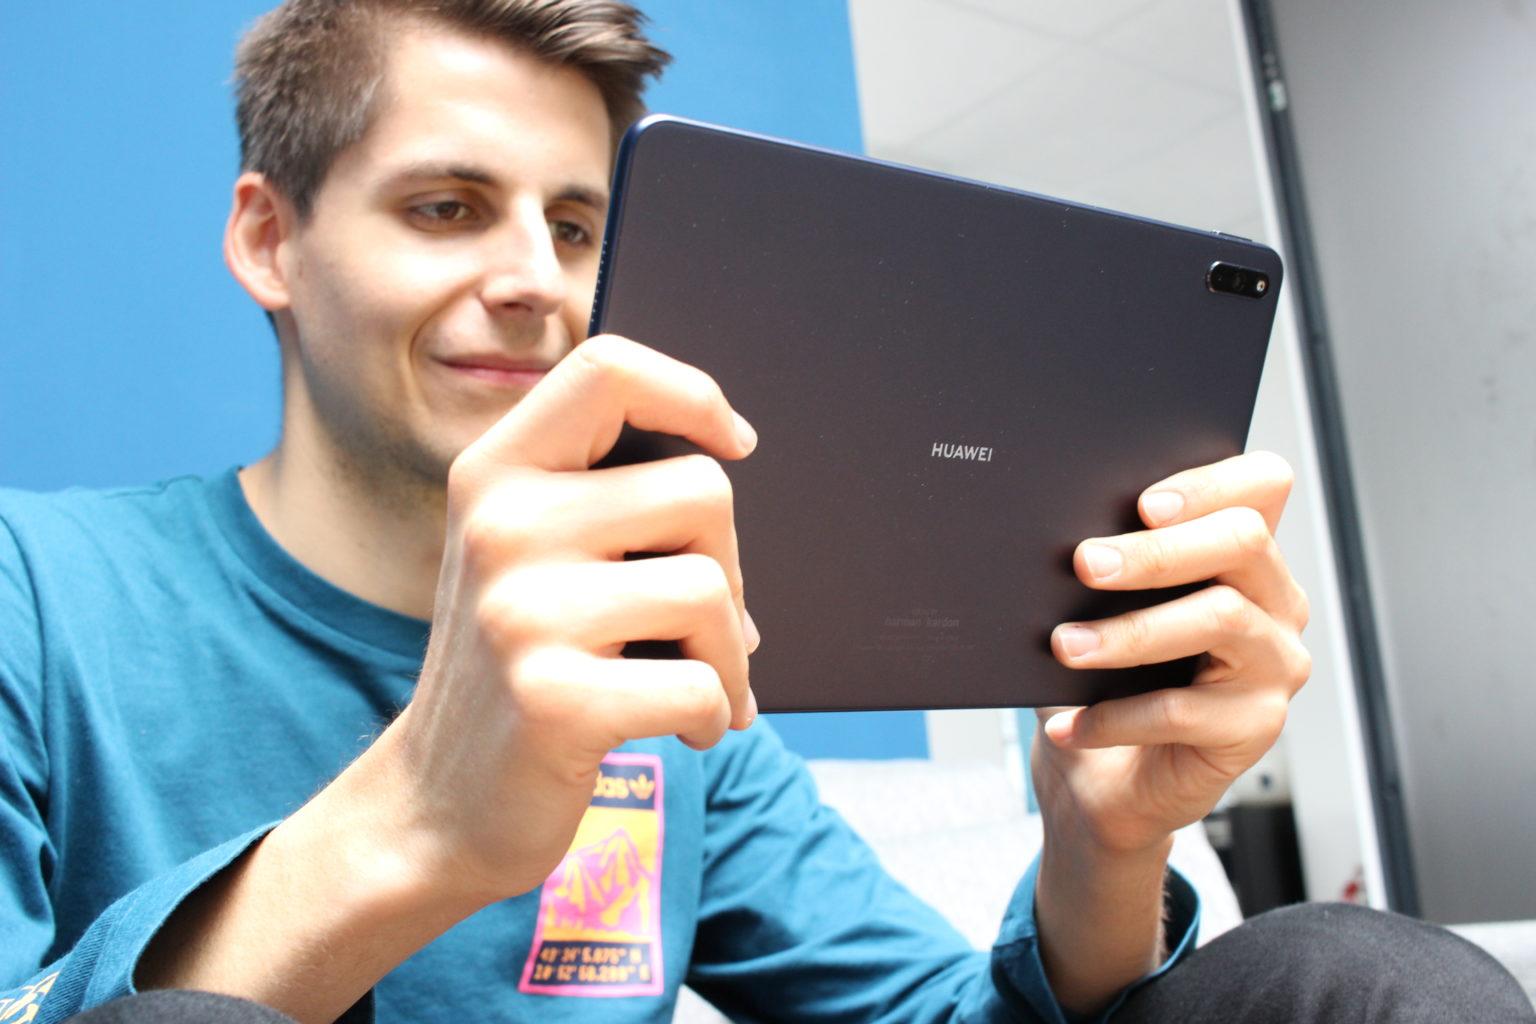 Sujetando la Tablet Huawei Matepad en las manos